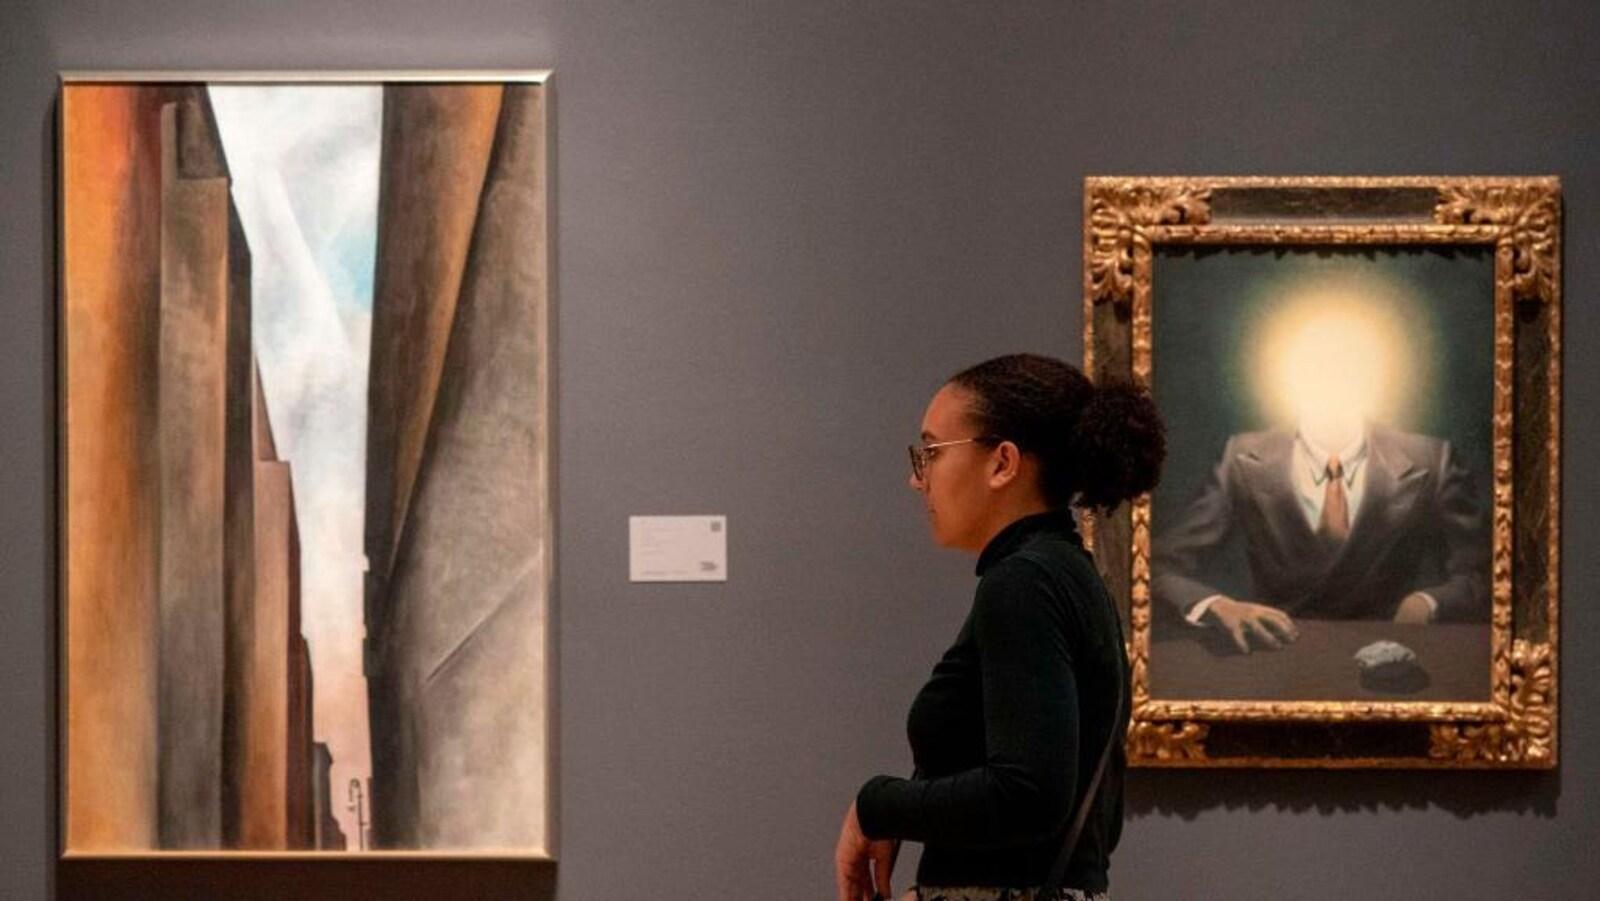 Le tableau « Le principe du plaisir » représente un homme dont la tête est remplacée par une boule de lumière.